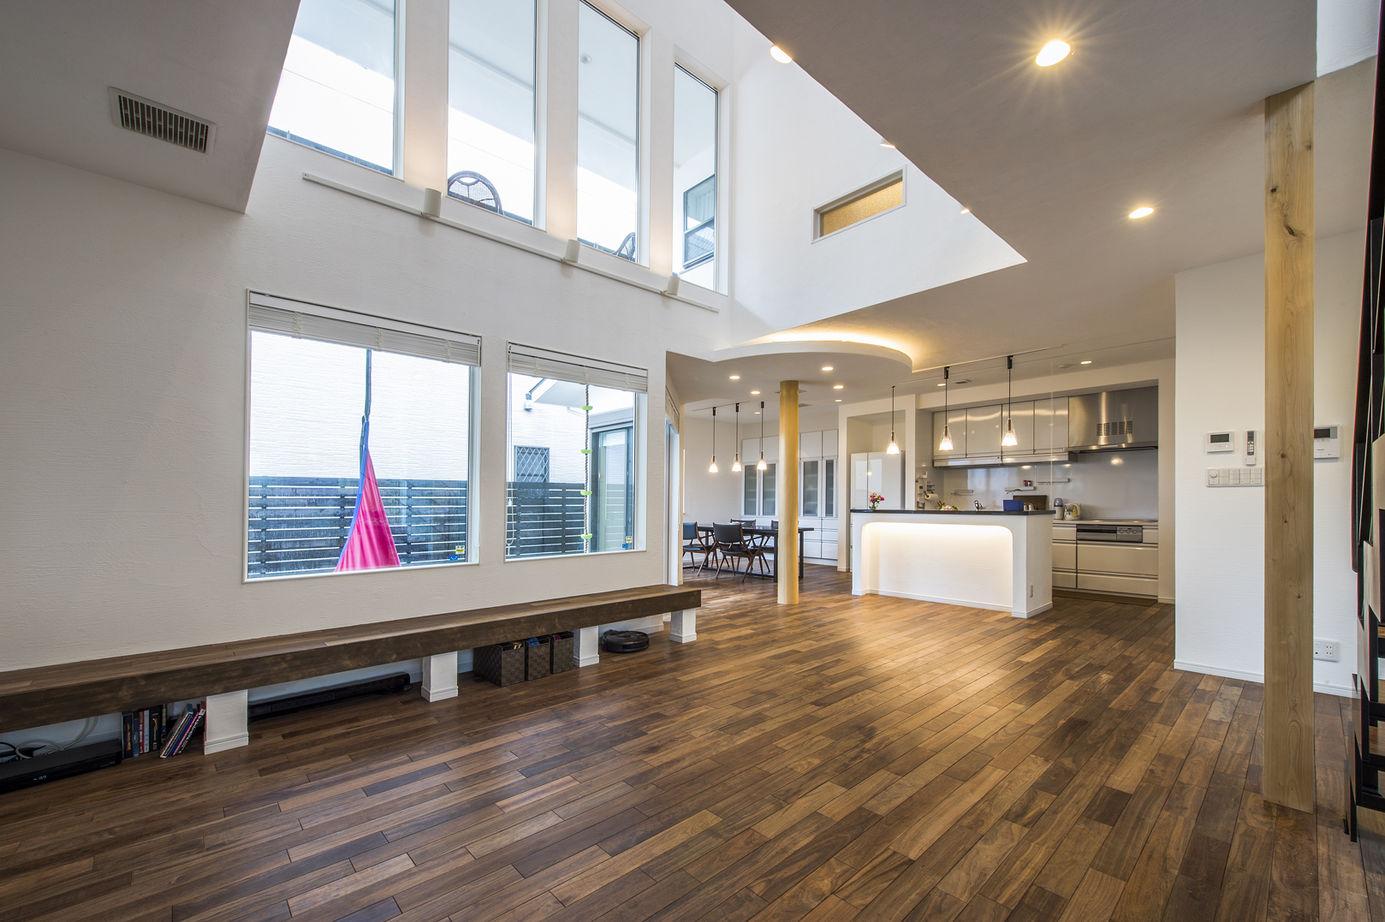 【大阪・4000万円~・おしゃれな家】爽やかな空気が巡る漆喰塗りの家。吹抜けの大空間LDKで開放感を味わう画像1